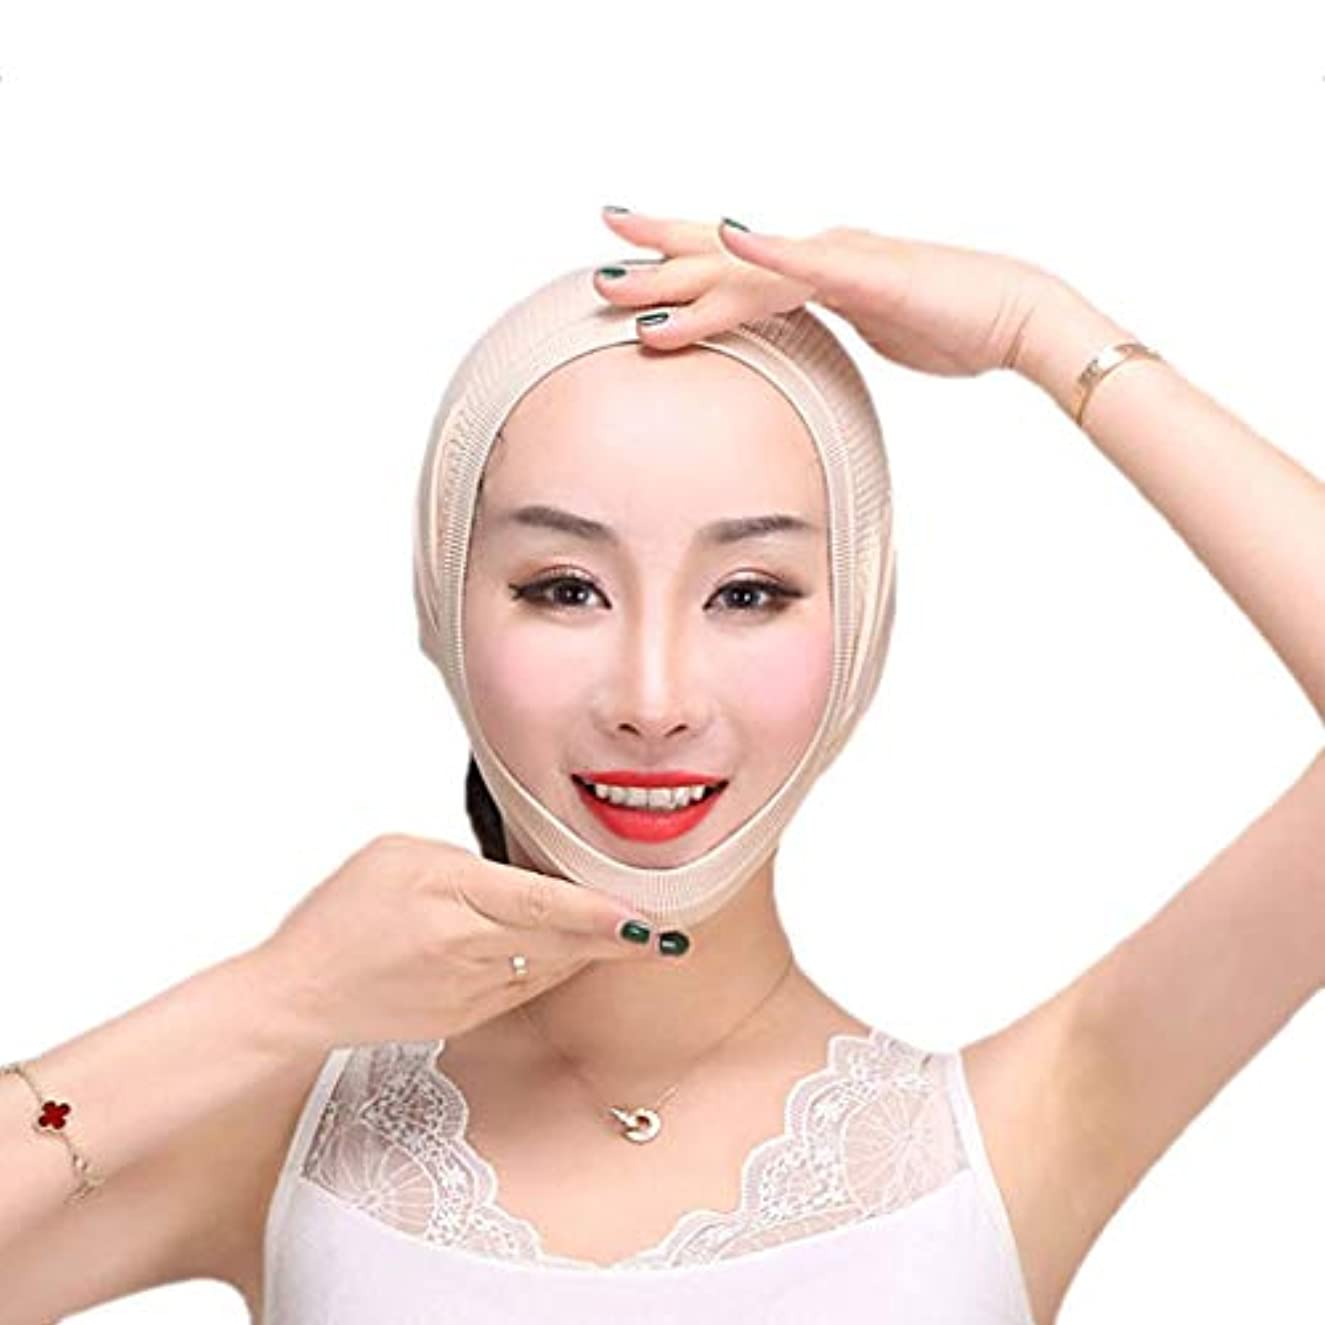 明確に球状成果フェイスリフトマスク、フェイススリミングマスク、チンストラップ、フェイスマッサージ、フェイシャル減量マスク、チンリフティングベルト(ワンサイズ)